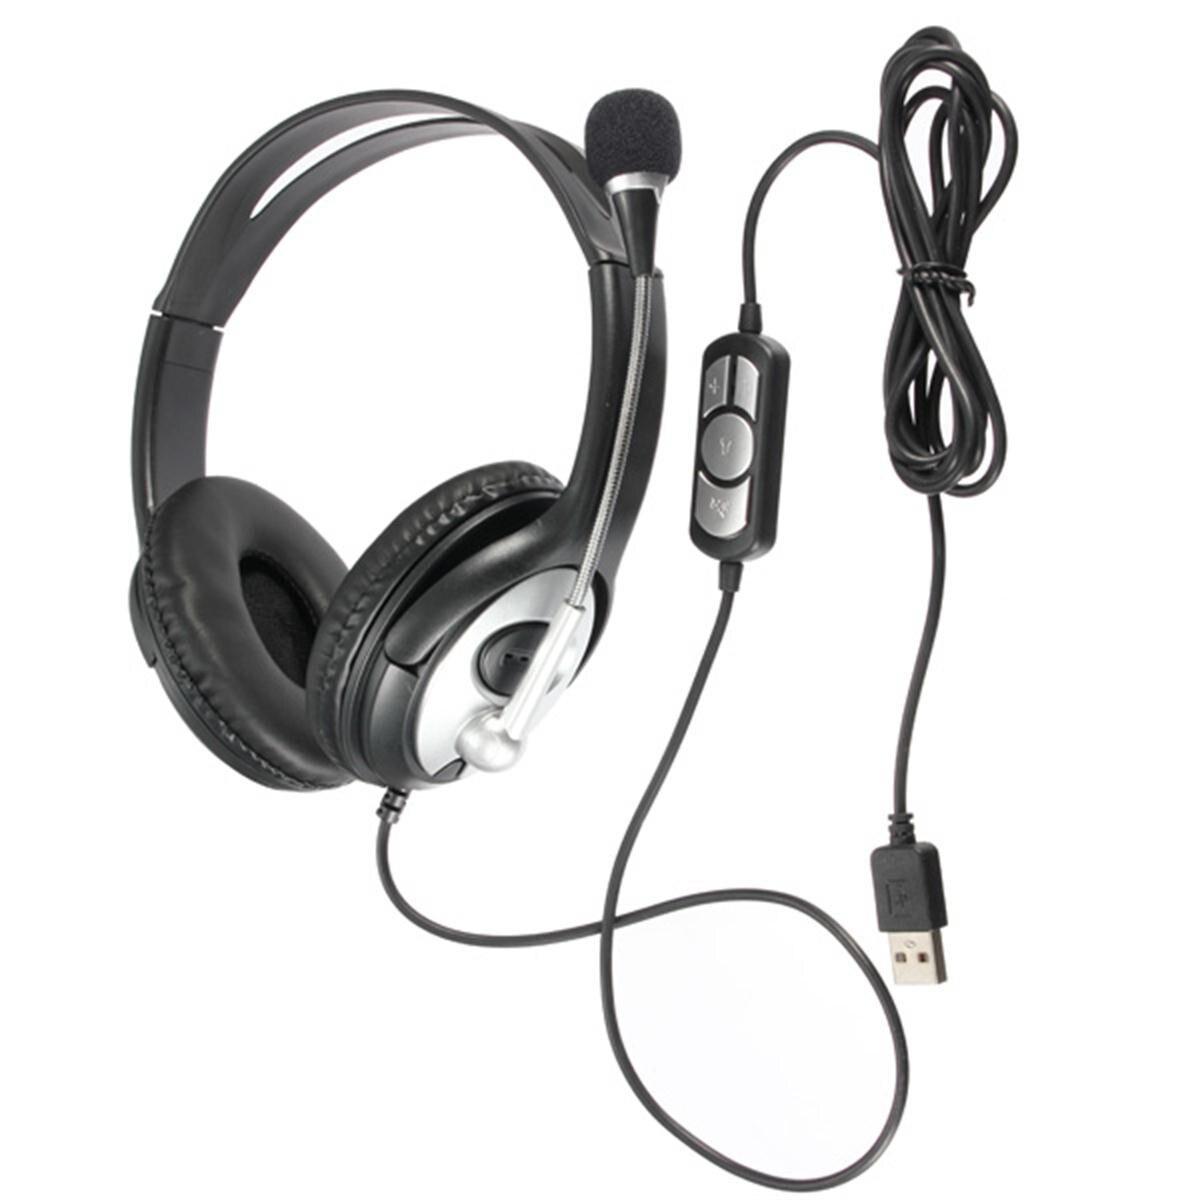 Fone de Ouvido Fone de Ouvido com Microfone para Computador Prático Estéreo Gaming Headset com Microfone para Computador Portátil Notebook Música Presente Usb